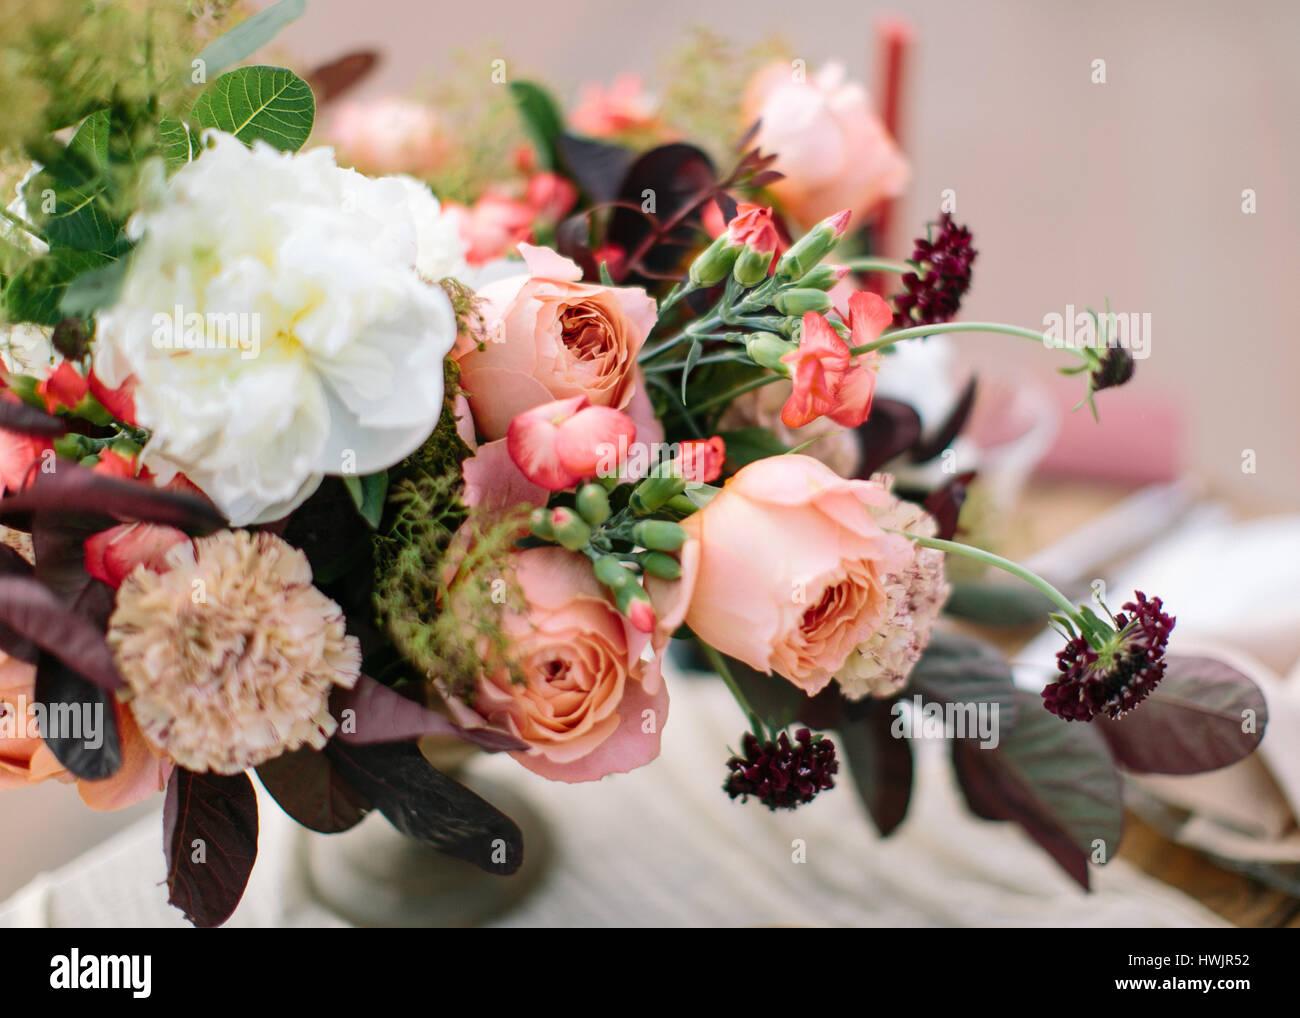 Hochzeit Blumen Komposition In Pfirsich Rosa Lila Und Bordeaux